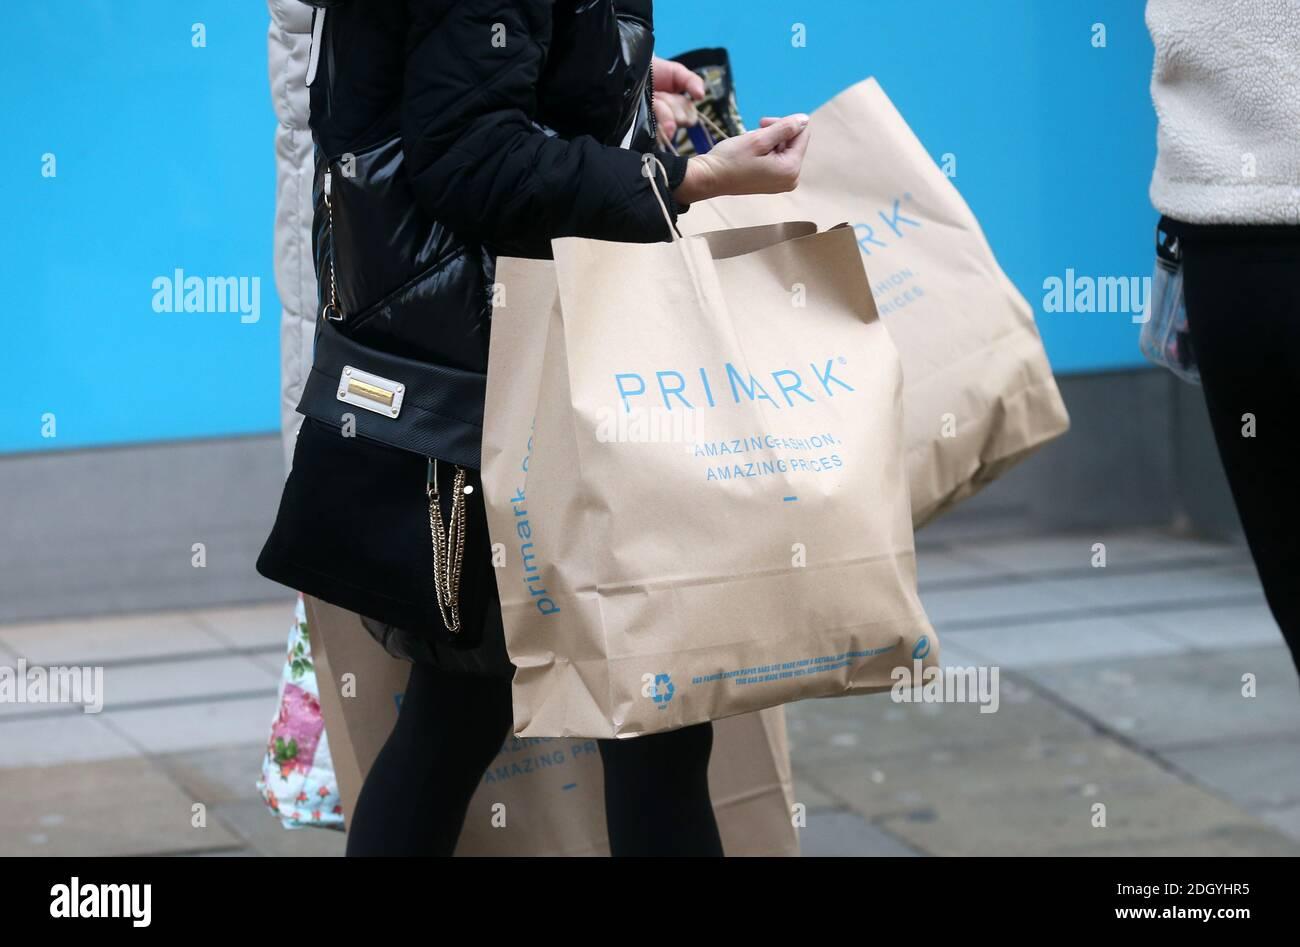 Primark Shoppers au Newcastle City Centre, mercredi 2 décembre 2020. Banque D'Images